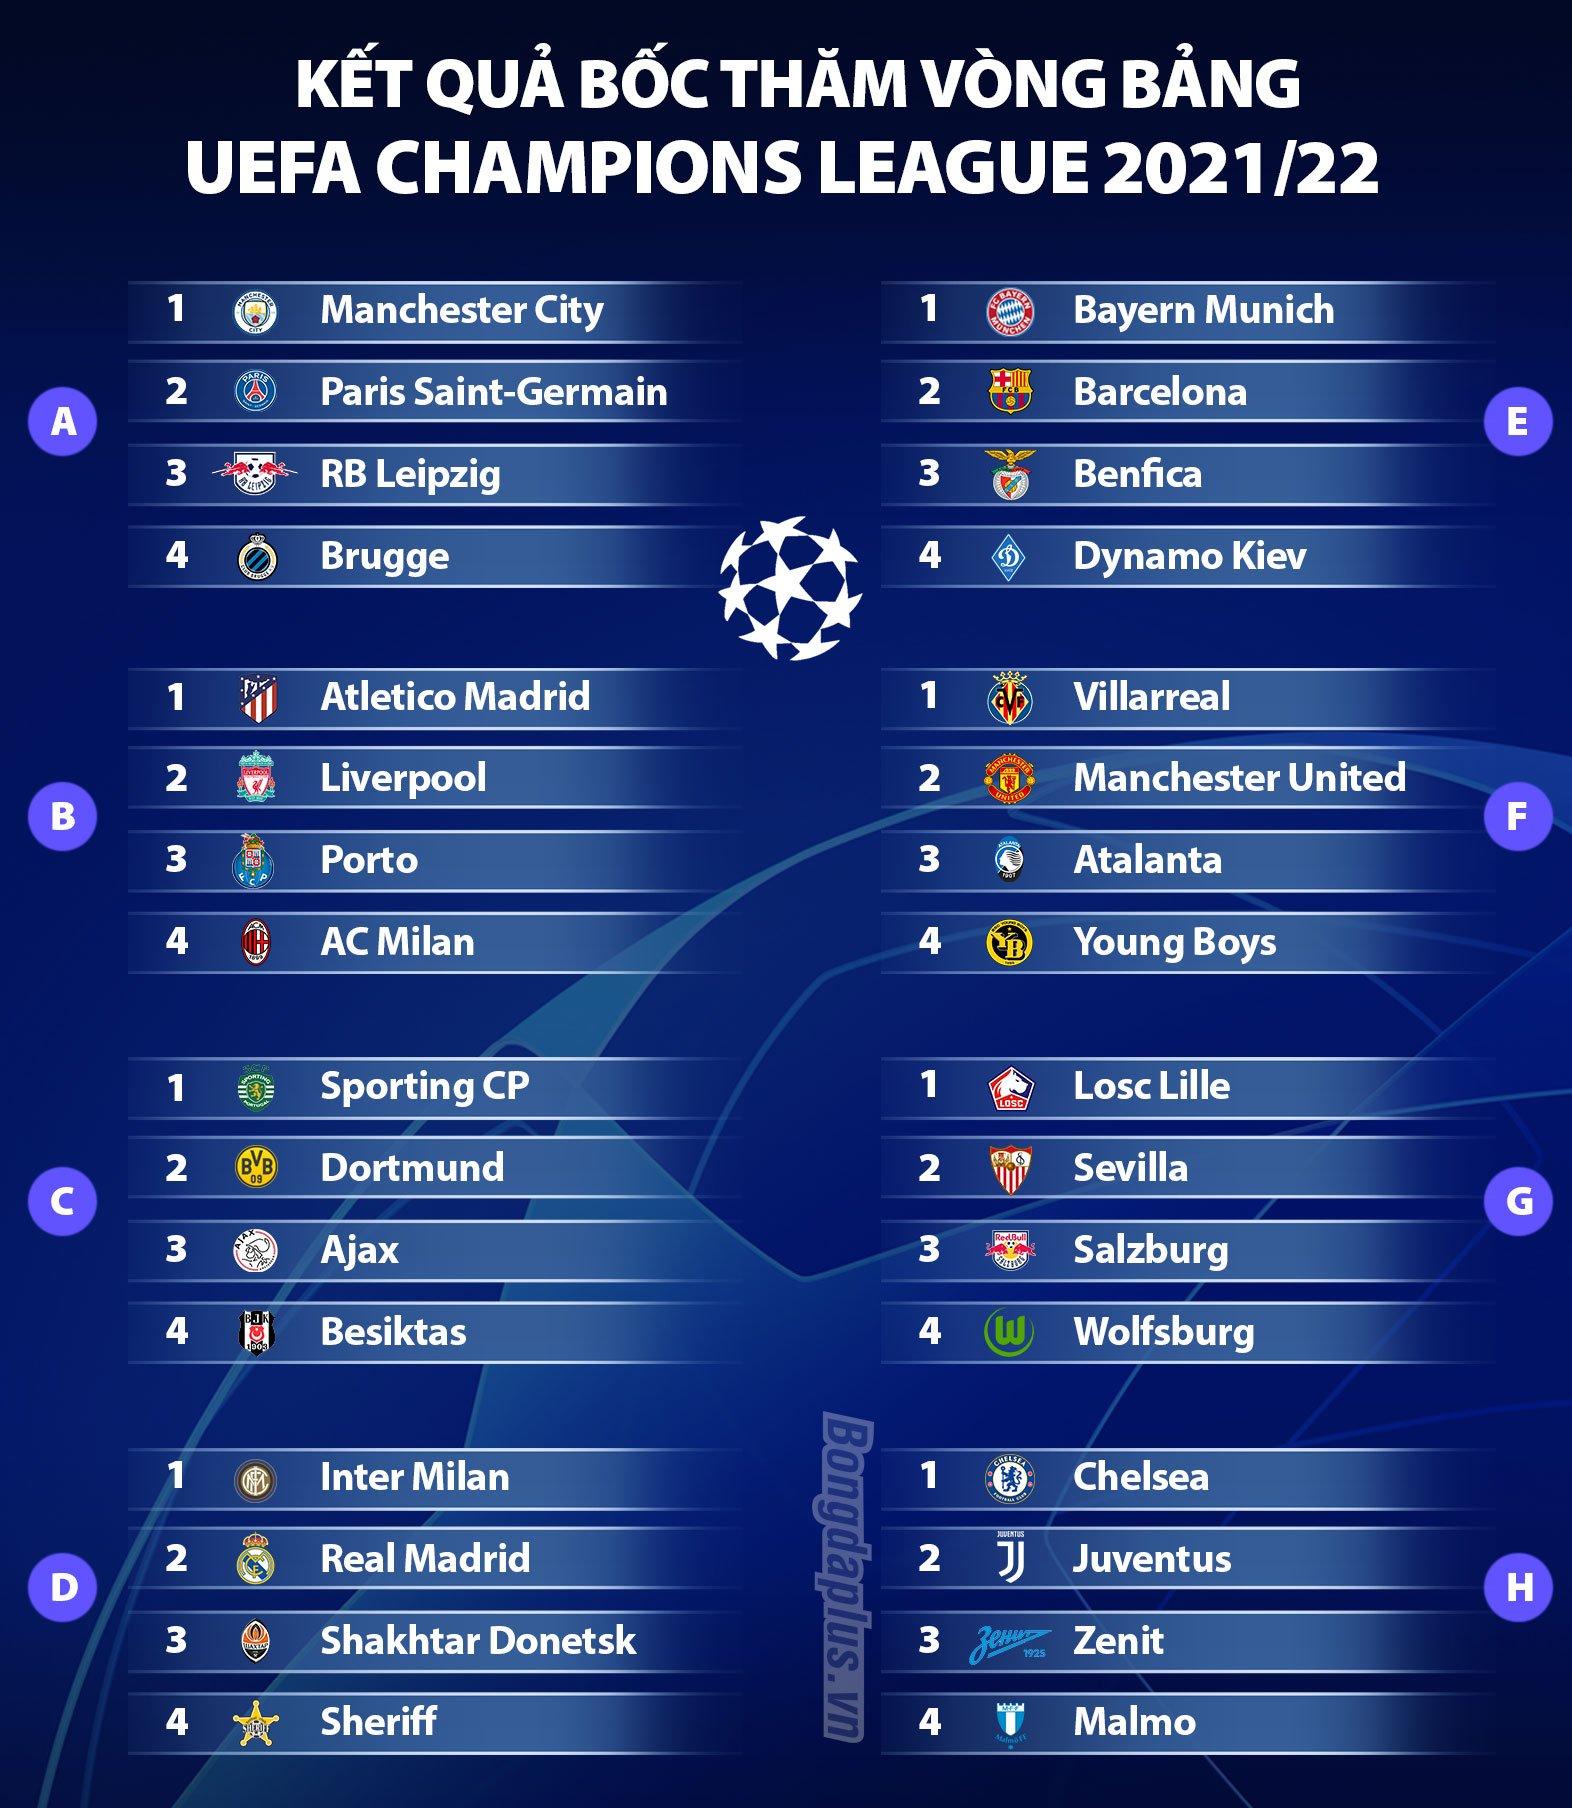 Kết quả bốc thăm vòng bảng Champions League 2021/22